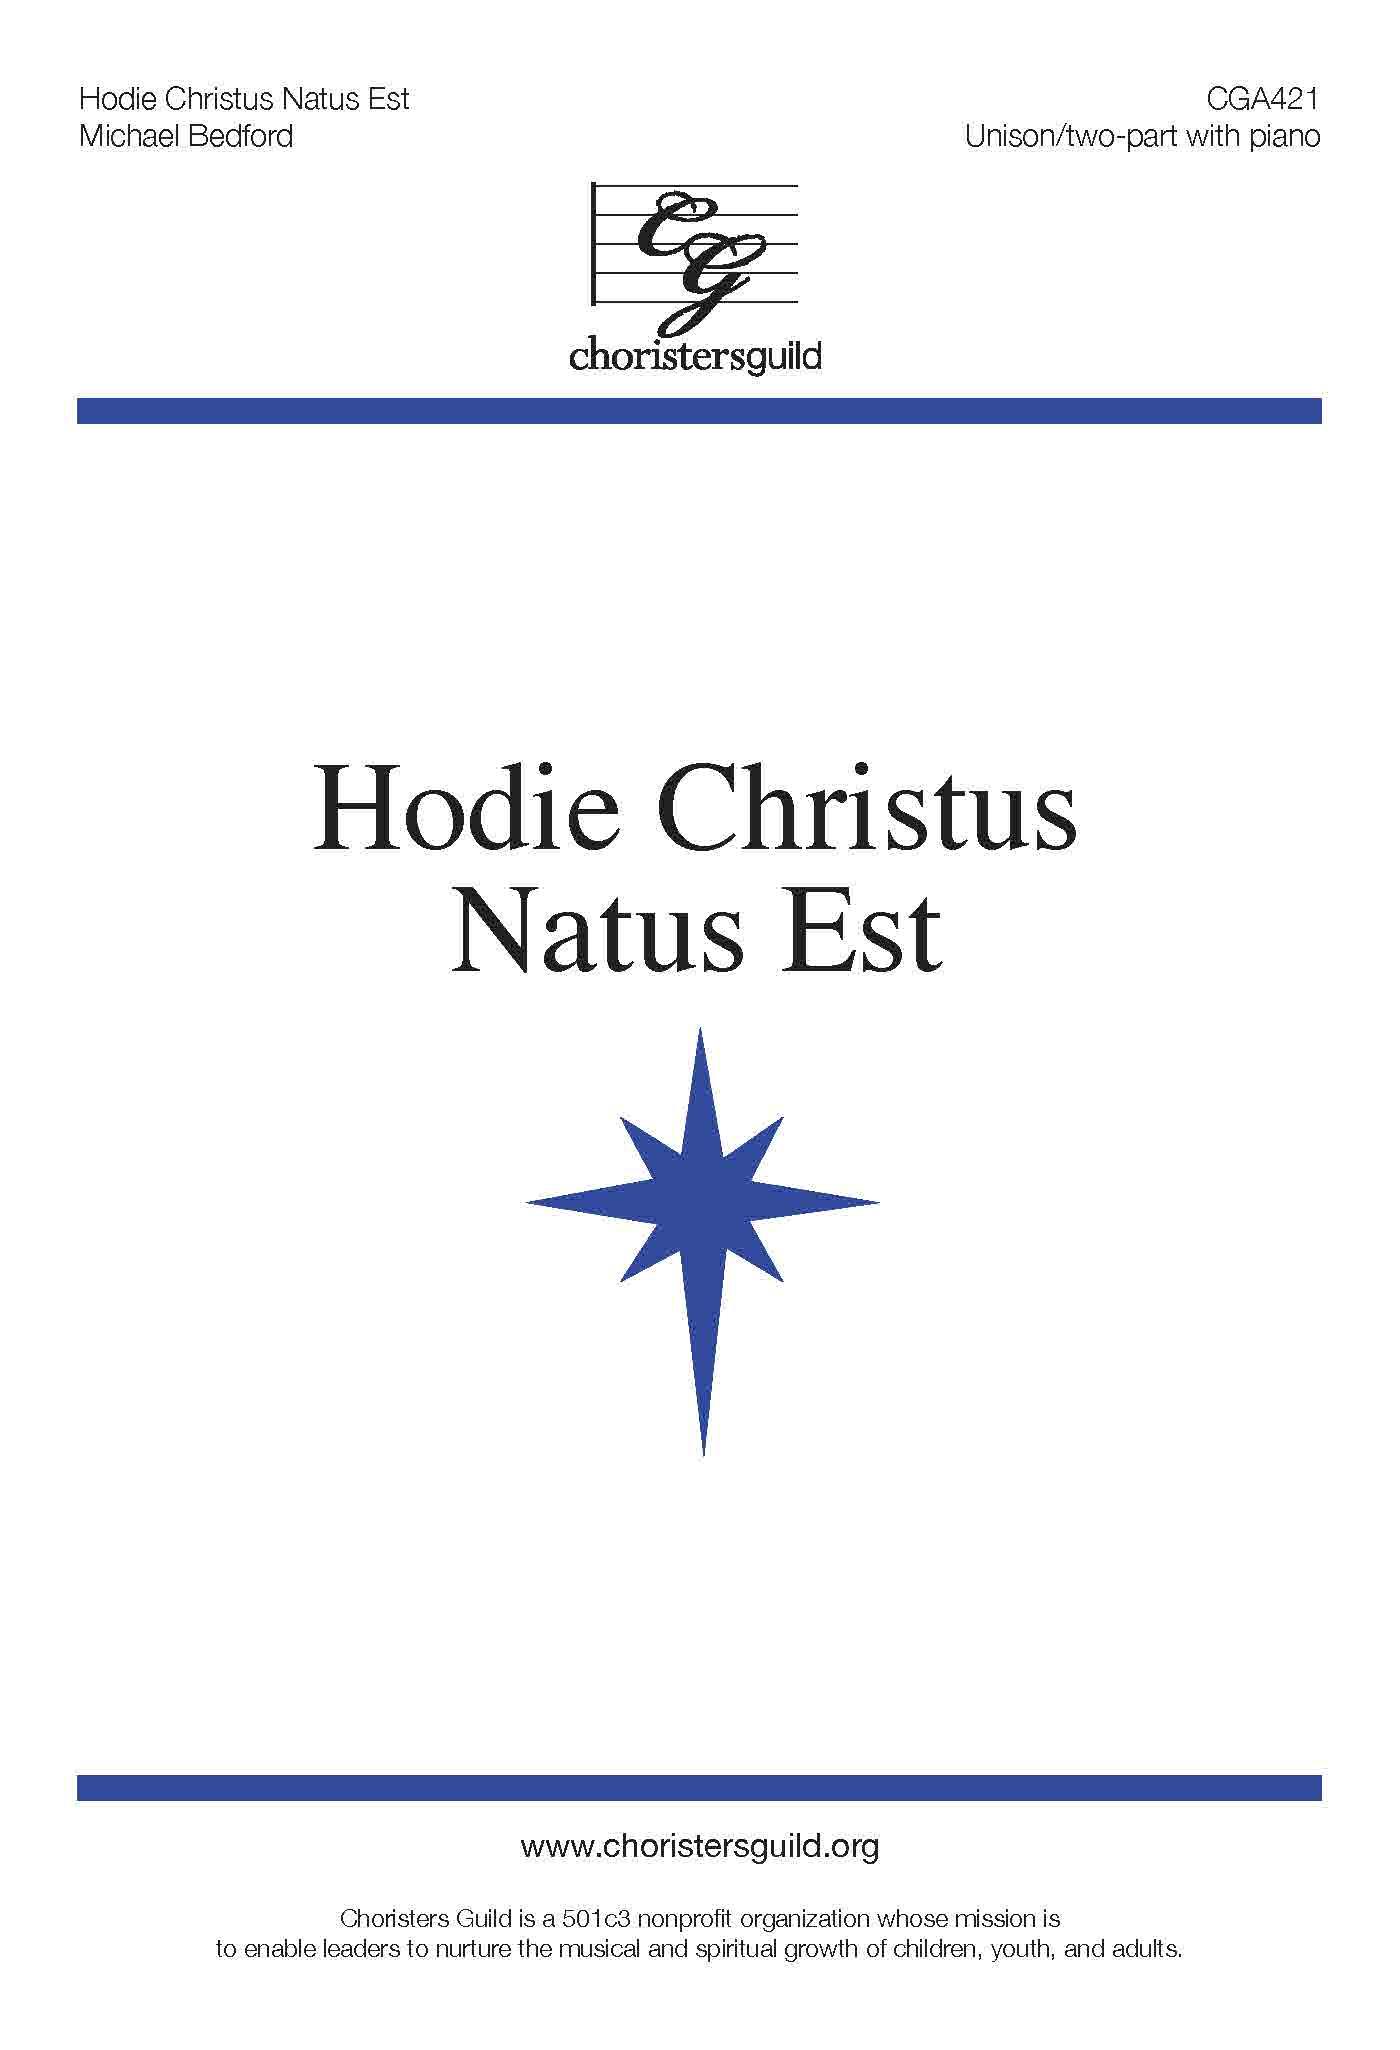 Hodie Christus Natus Est Unison 2-Part